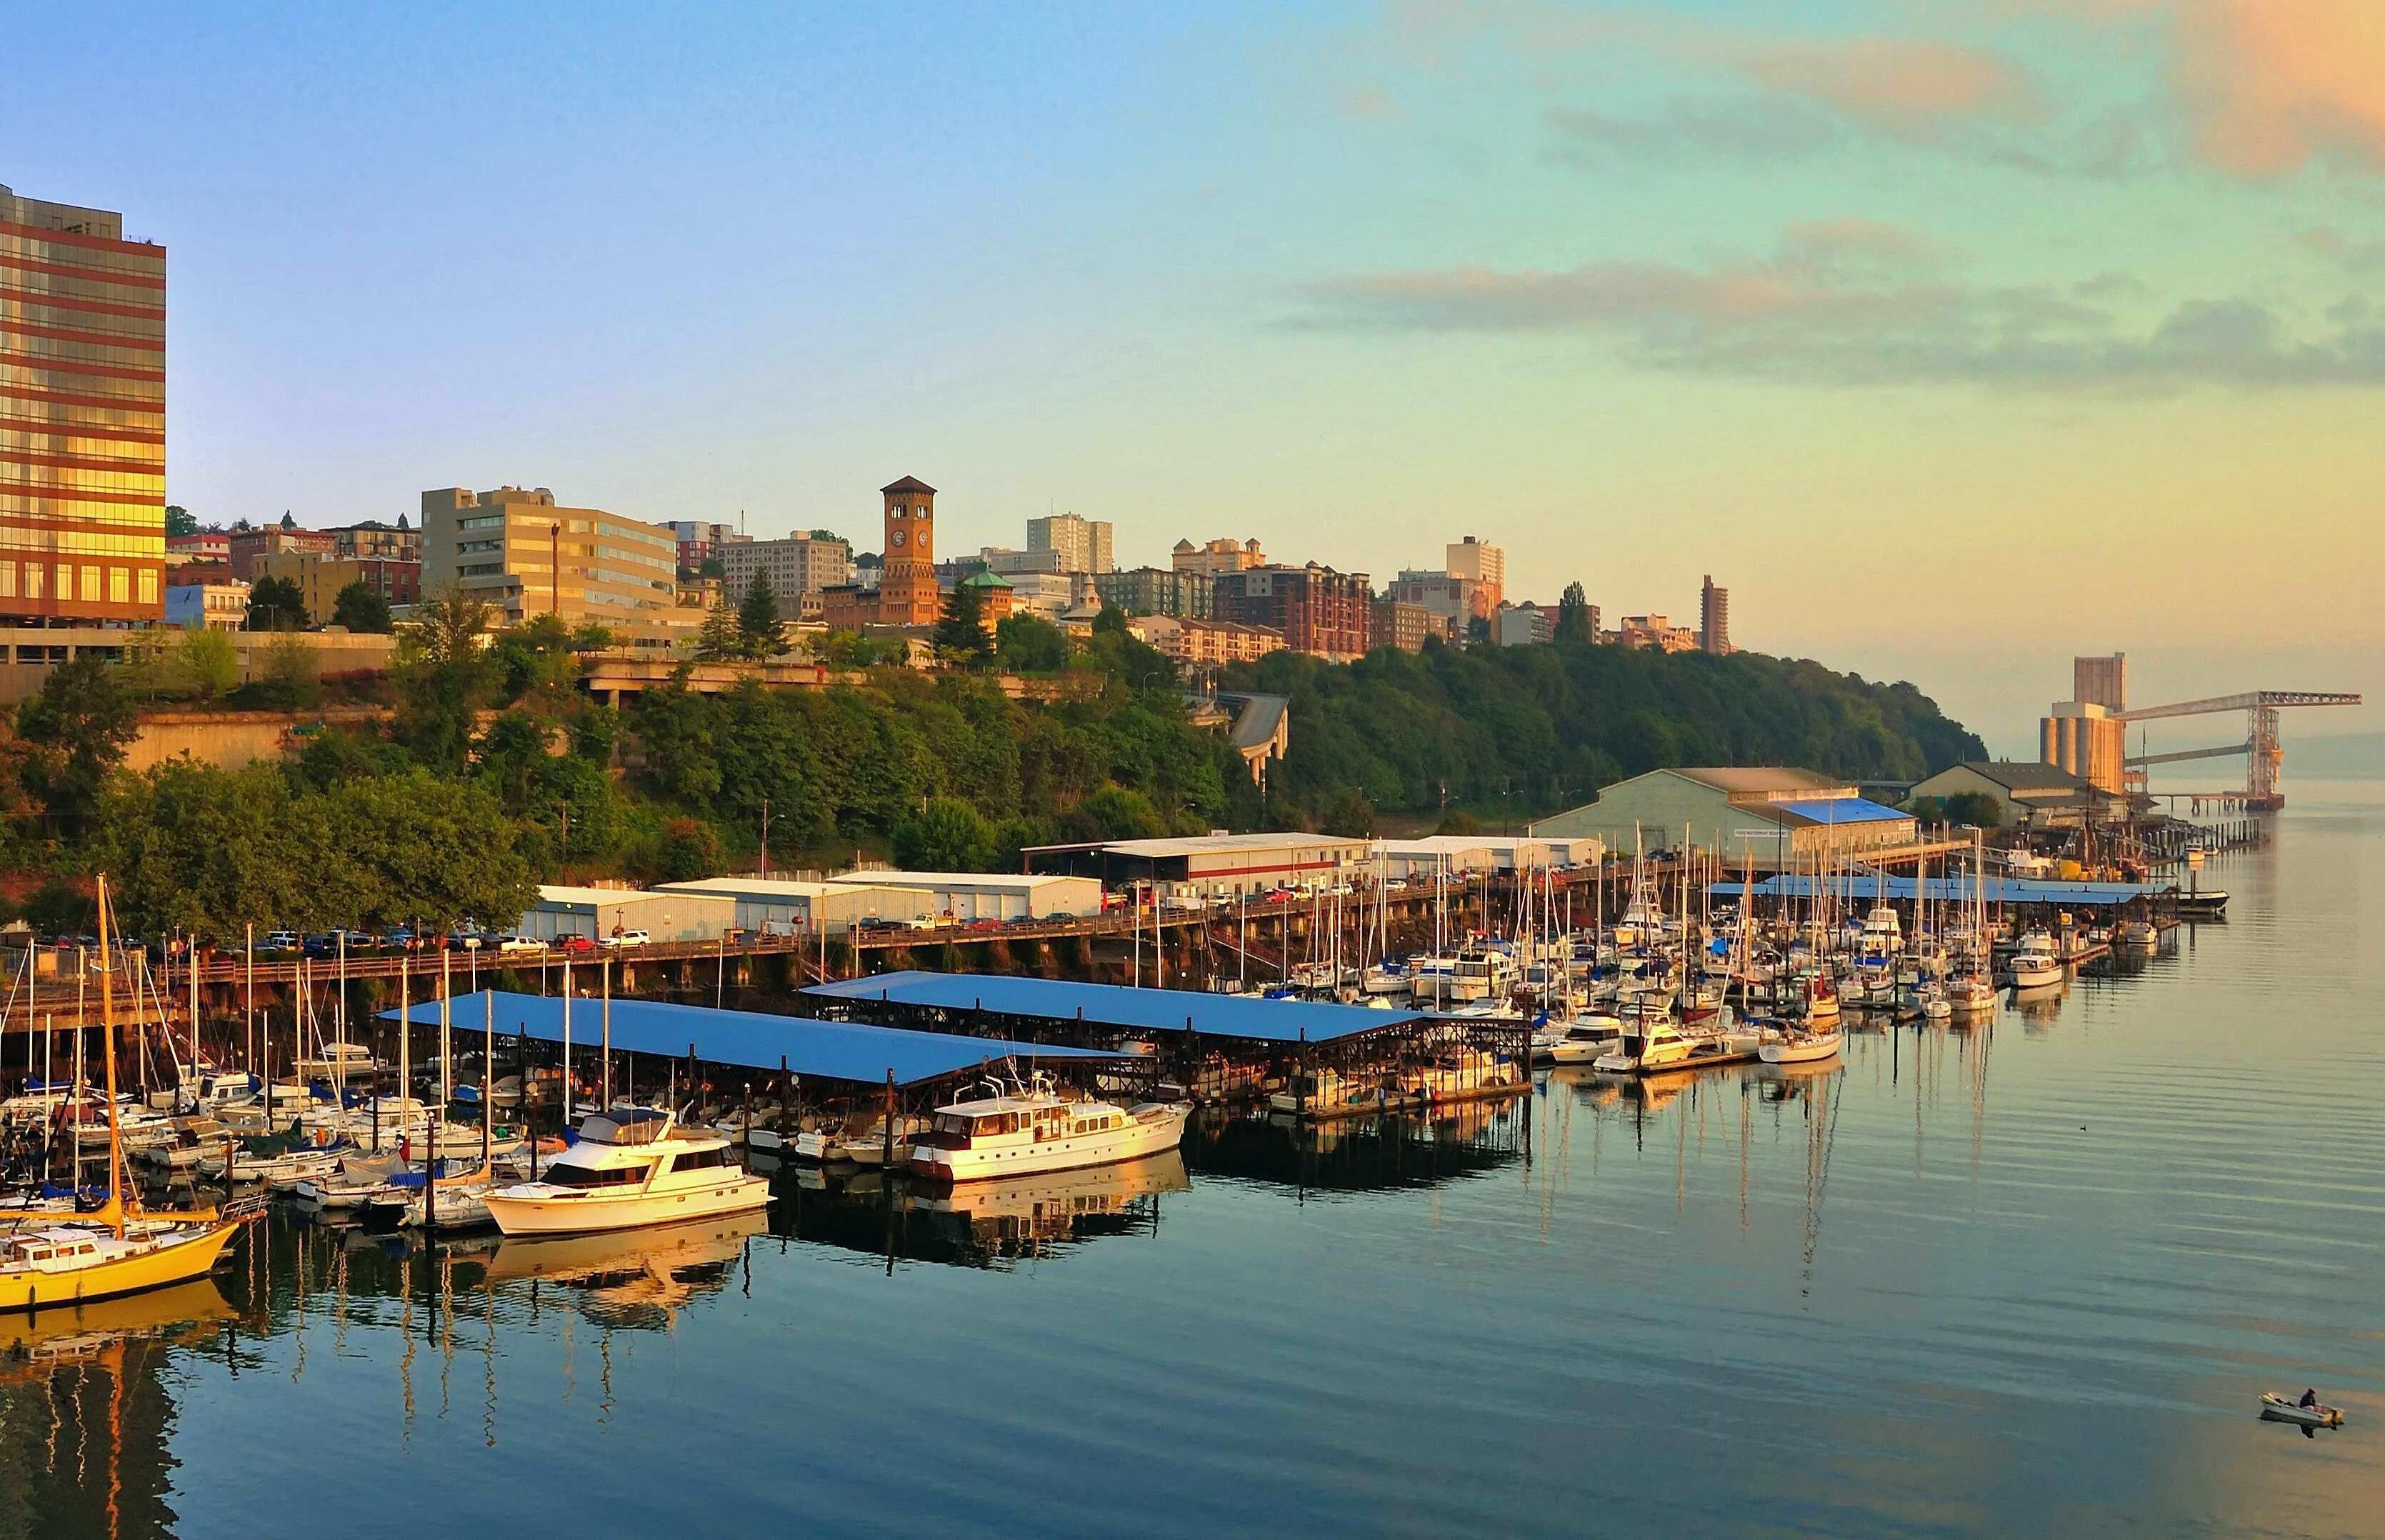 Foss Harbor Marina in Tacoma, WA, United States - Marina Reviews ...